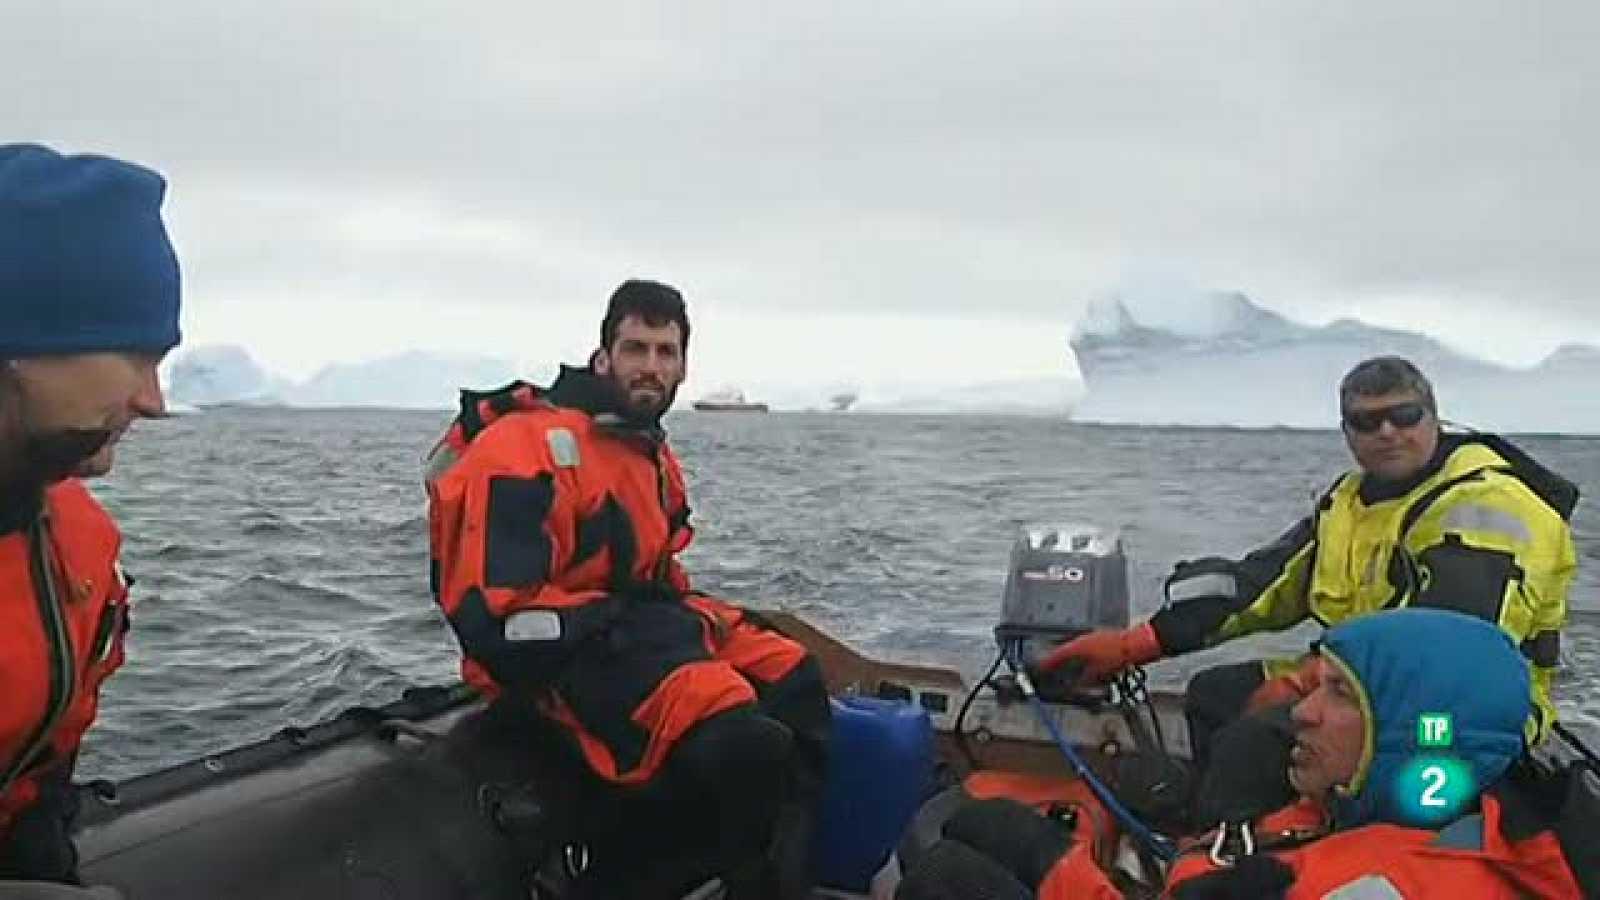 La Aventura del Saber. Volverás a La Antártida Hilo Moreno fotografía Paco Gómez